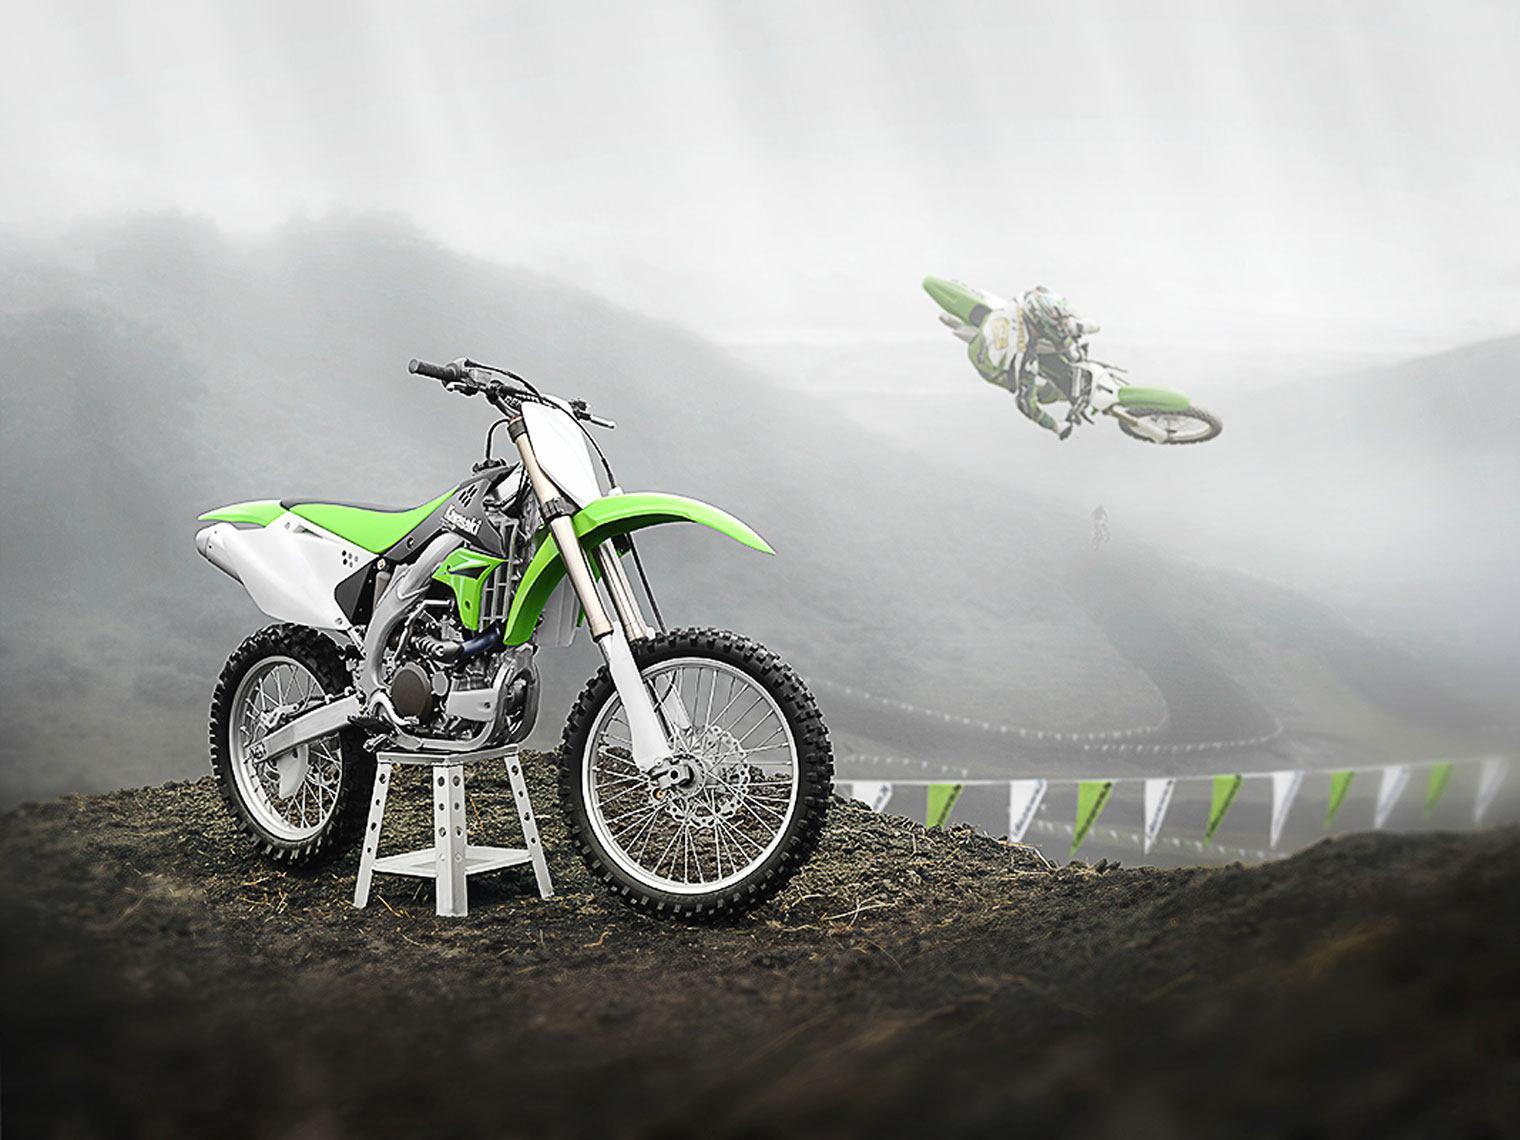 Kawasaki-KX450-fog